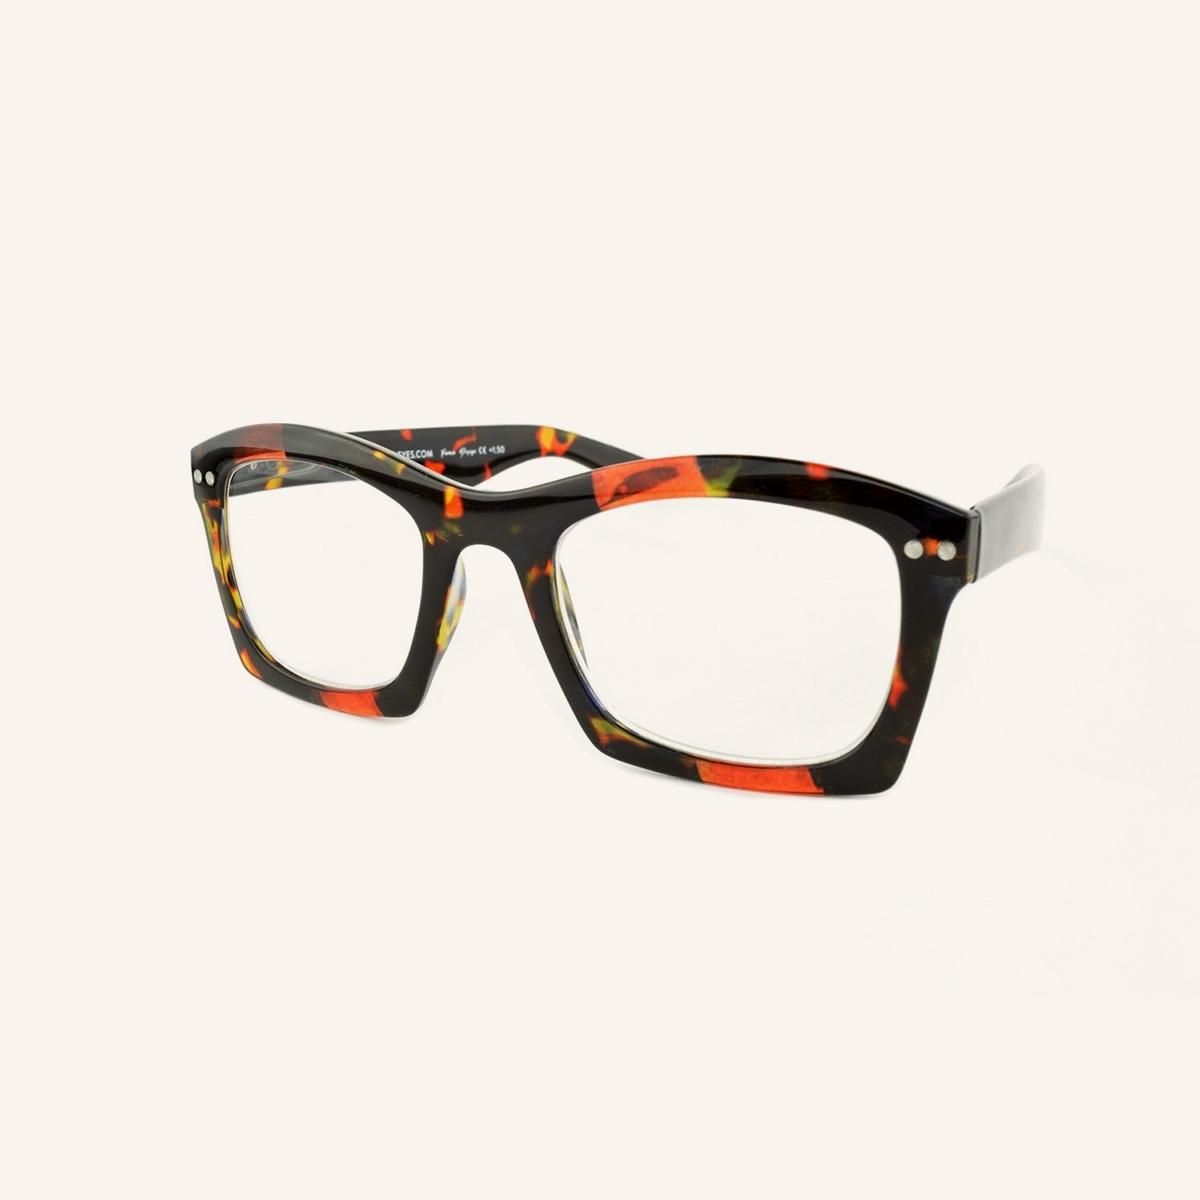 Larges lunettes de lecture aux bords rectangulaires